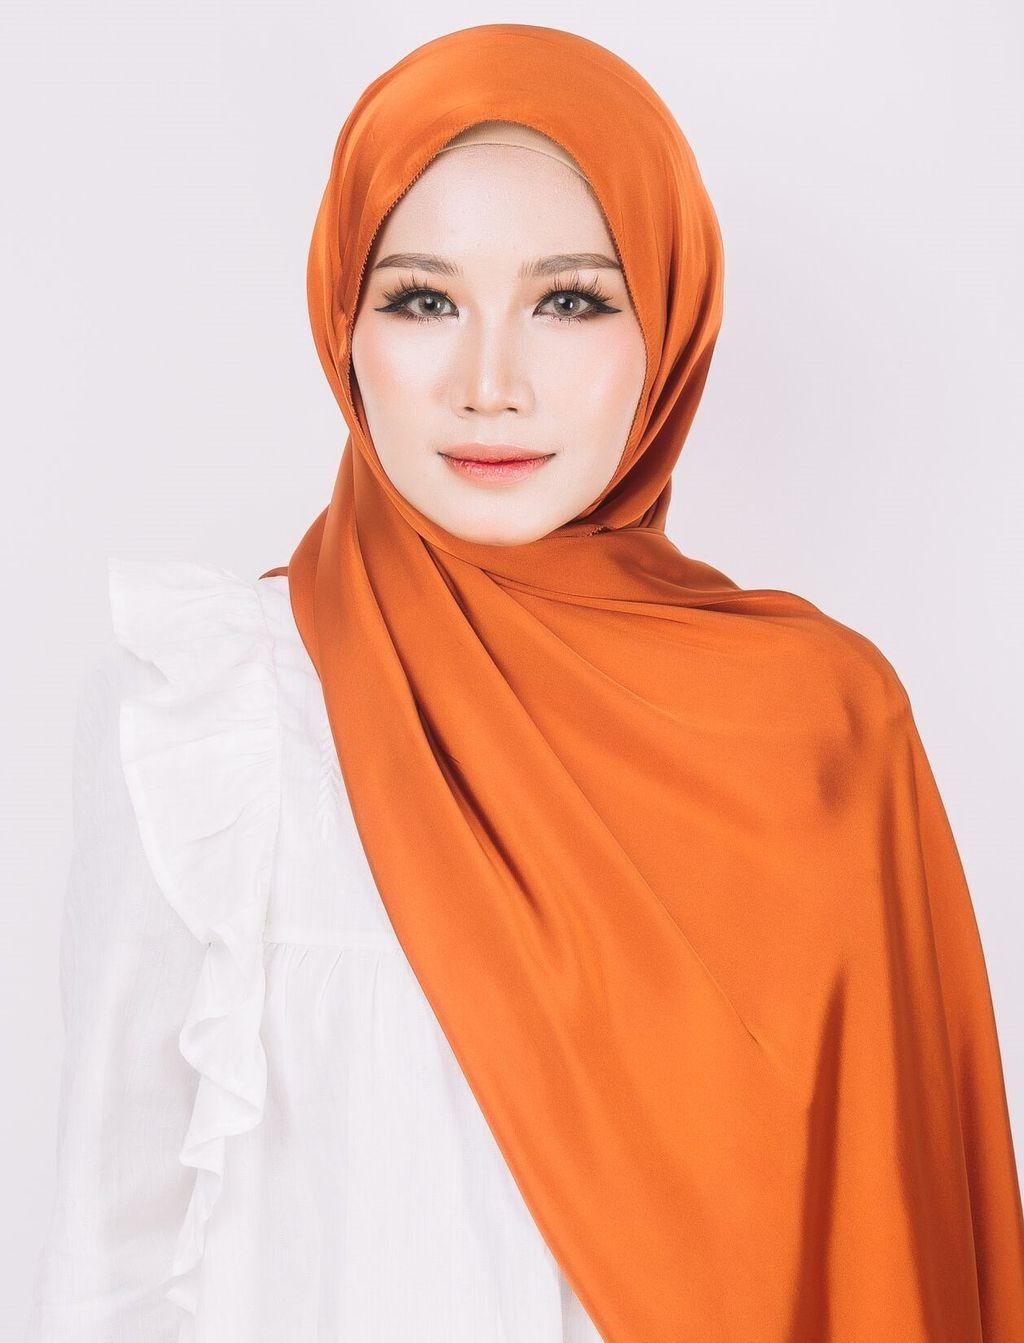 Afya in Tangerine 2.jpeg